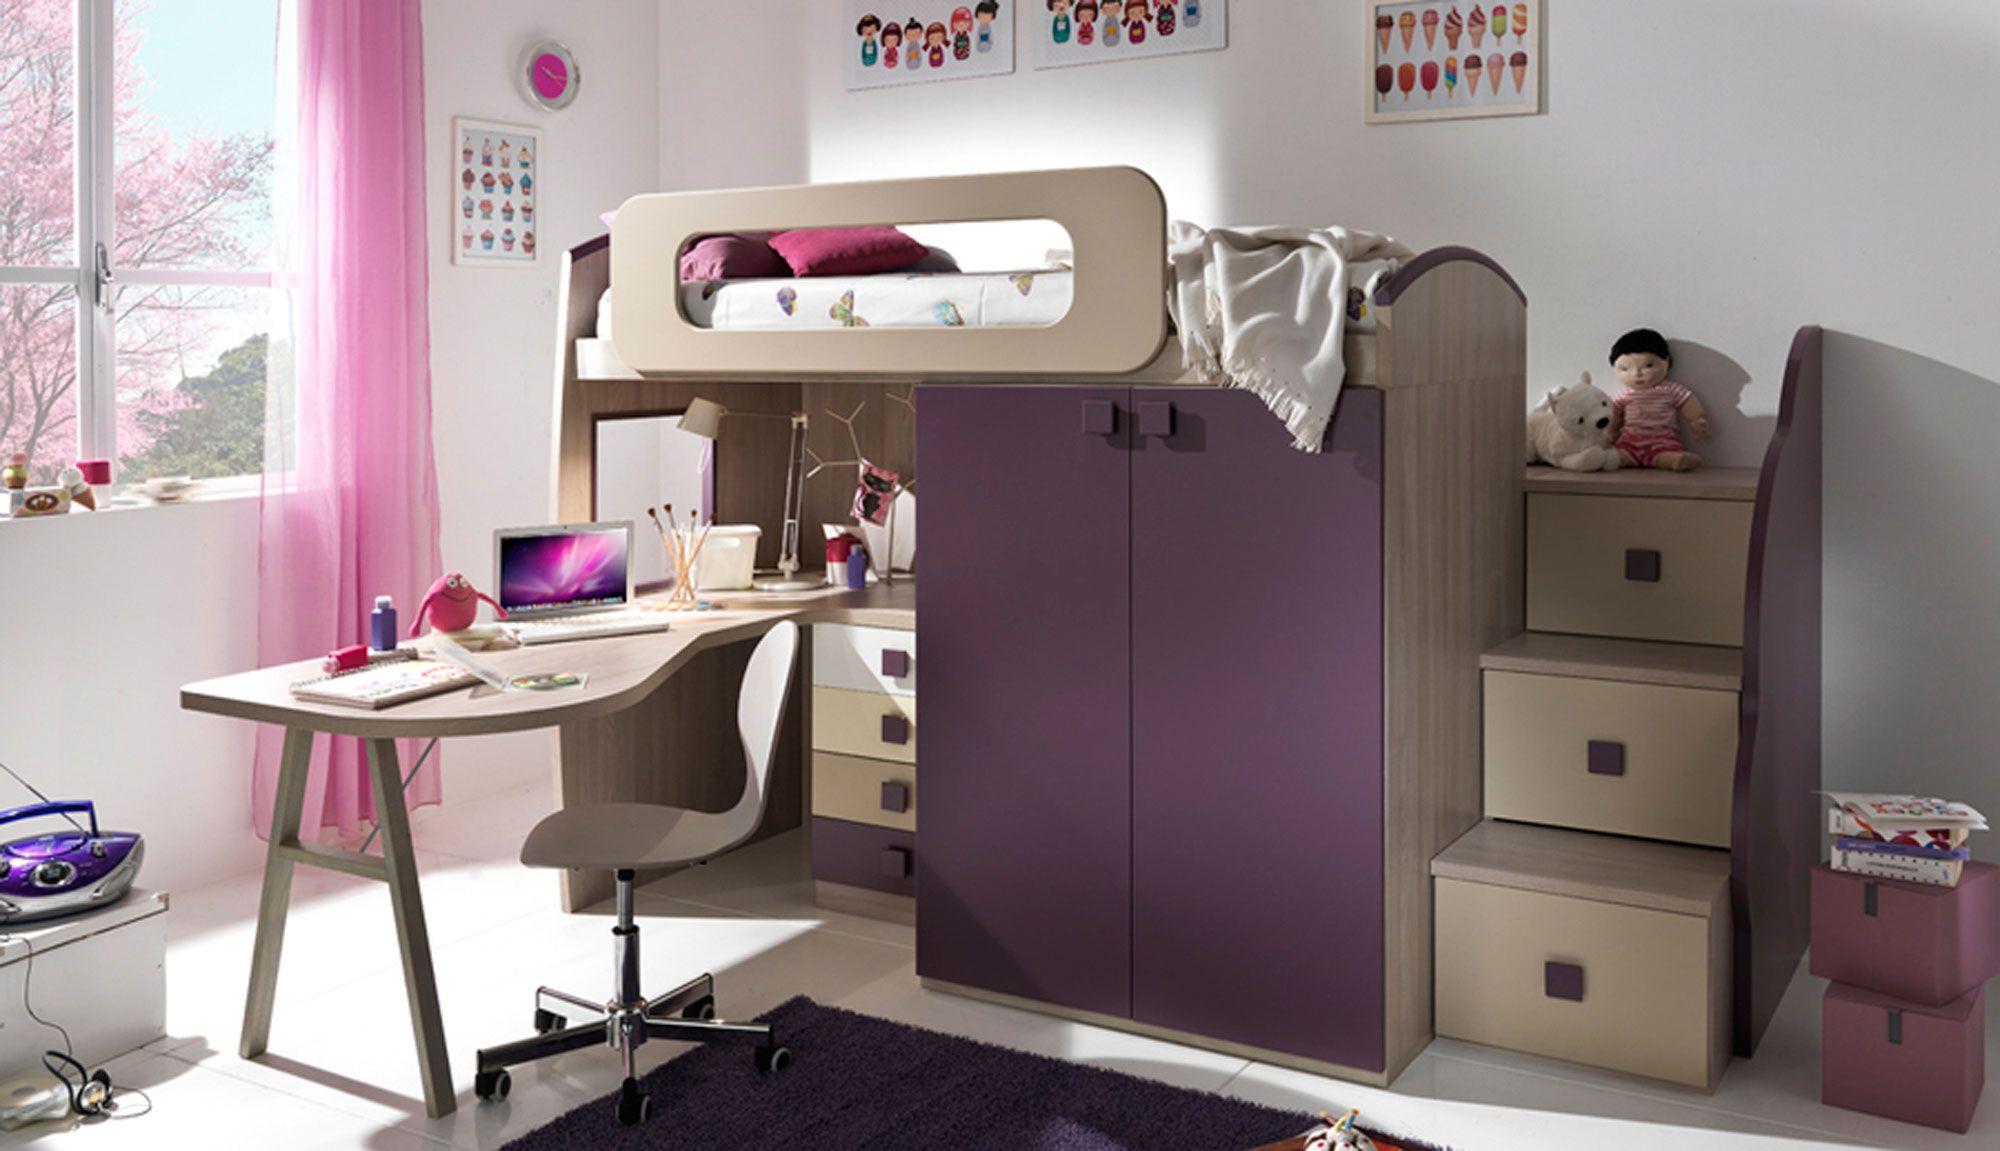 Camerette Gsg ~ 103 best gsg camerette images on pinterest bedroom ideas